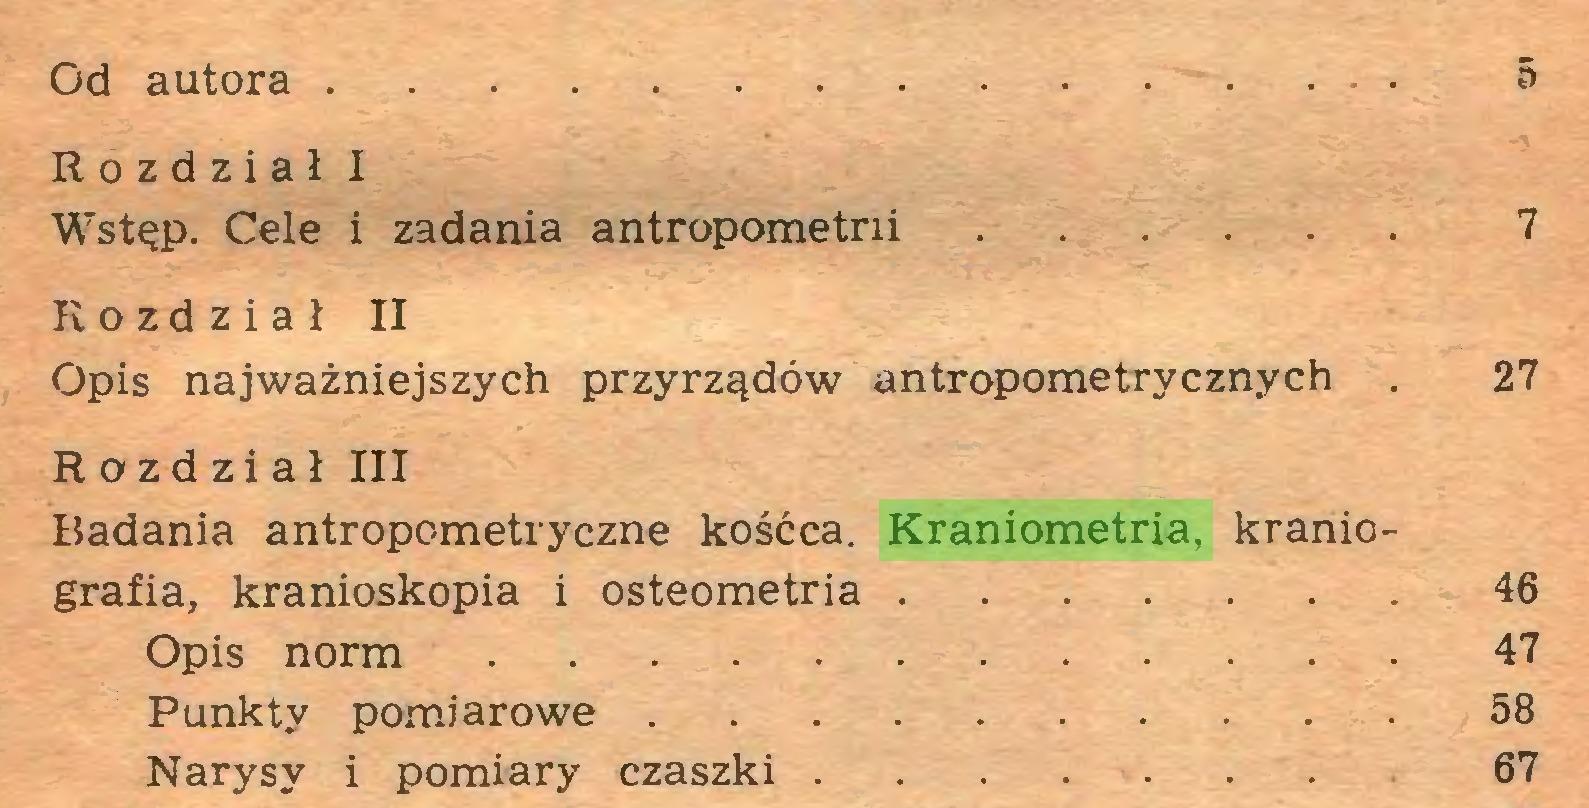 (...) Od autora 5 Rozdział I Wstęp. Cele i zadania antropometrii 7 Rozdział II Opis najważniejszych przyrządów antropometrycznych . 27 Rozdział III Badania antropometryczne kośćca. Kraniometria, kraniografia, kranioskopia i osteometria 46 Opis norm 47 Punkty pomiarowe 58 Narysy i pomiary czaszki ... 67...